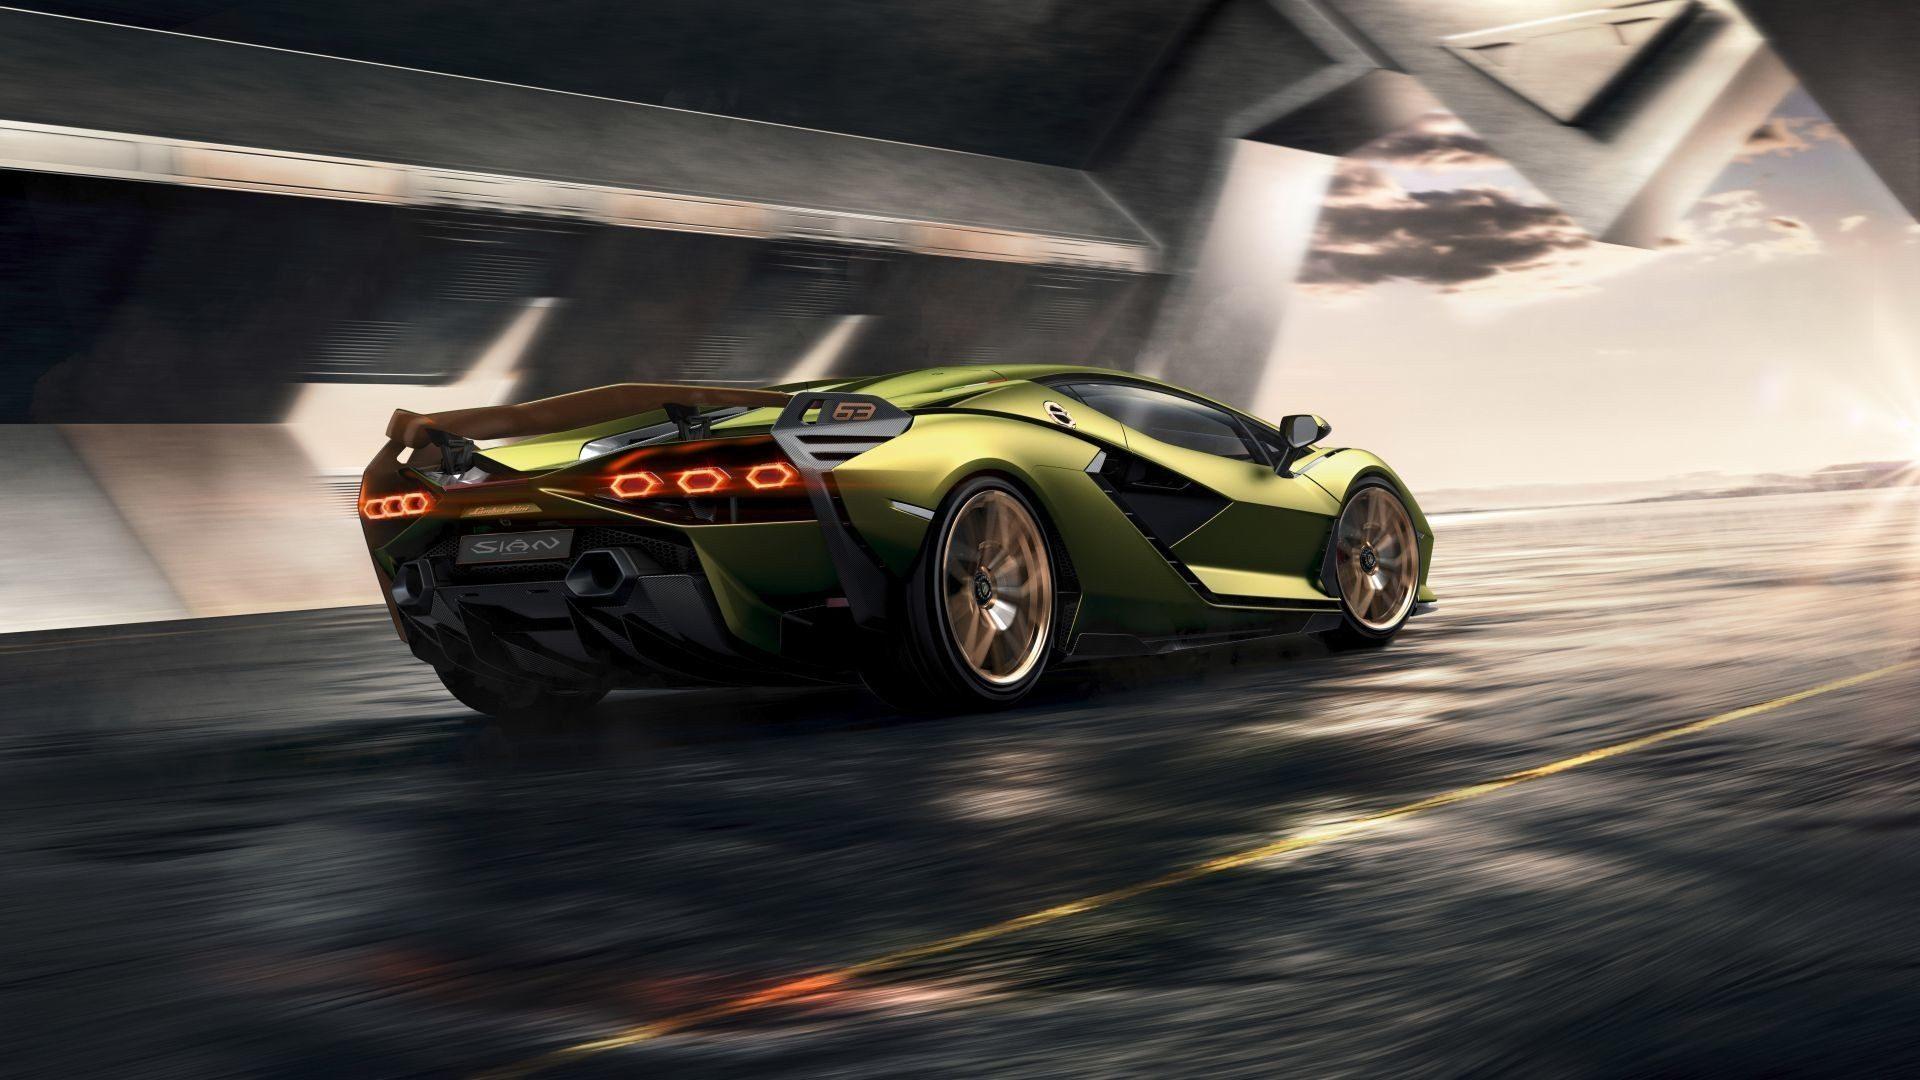 Lamborghini Sian 2020 Car UHD Wallpaper 1